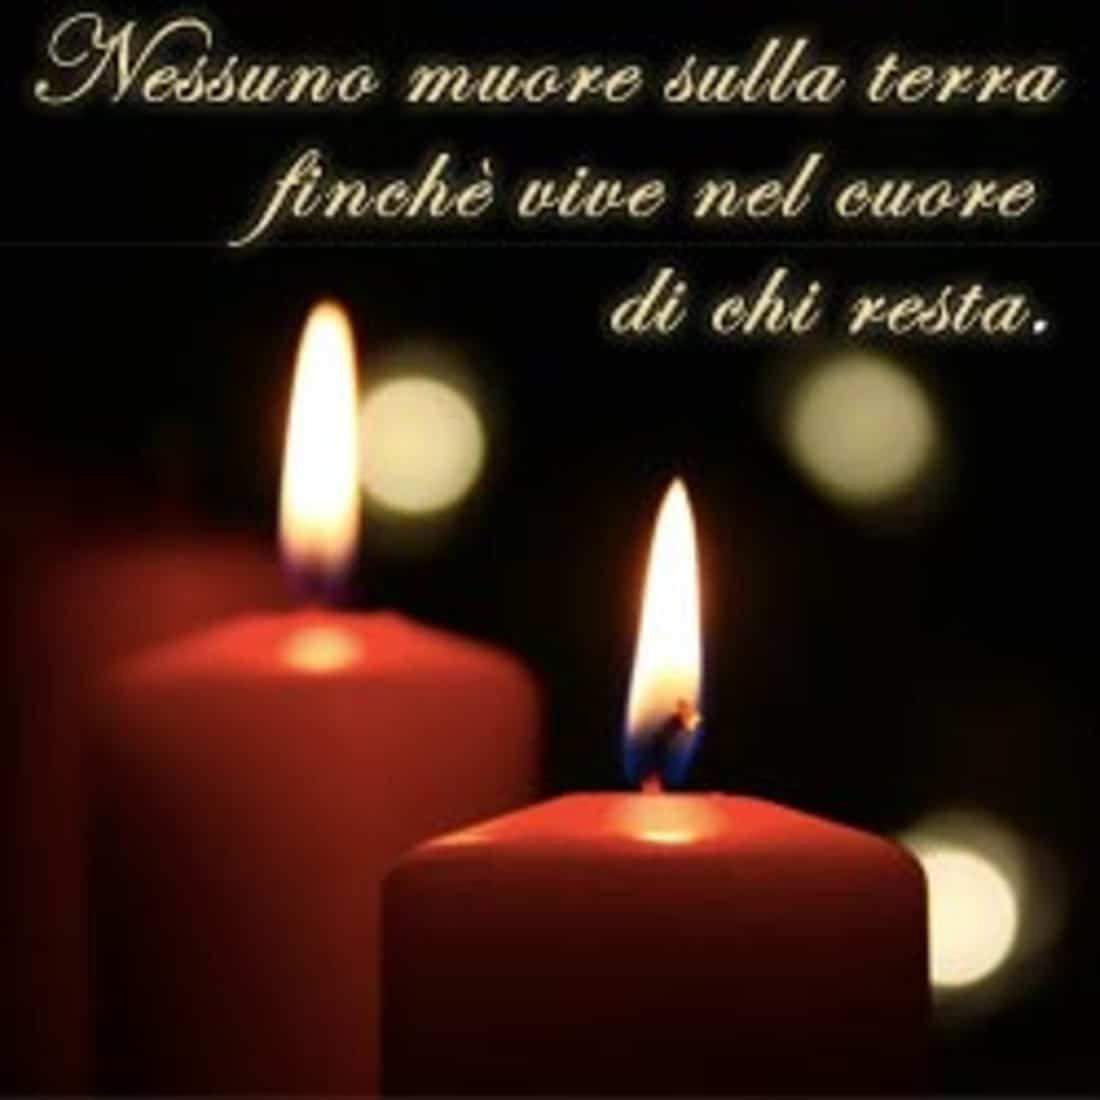 Fedaiisf Lecce. Iniziativa per commemorare e onorare Antonella, la collega tragicamente scomparsa